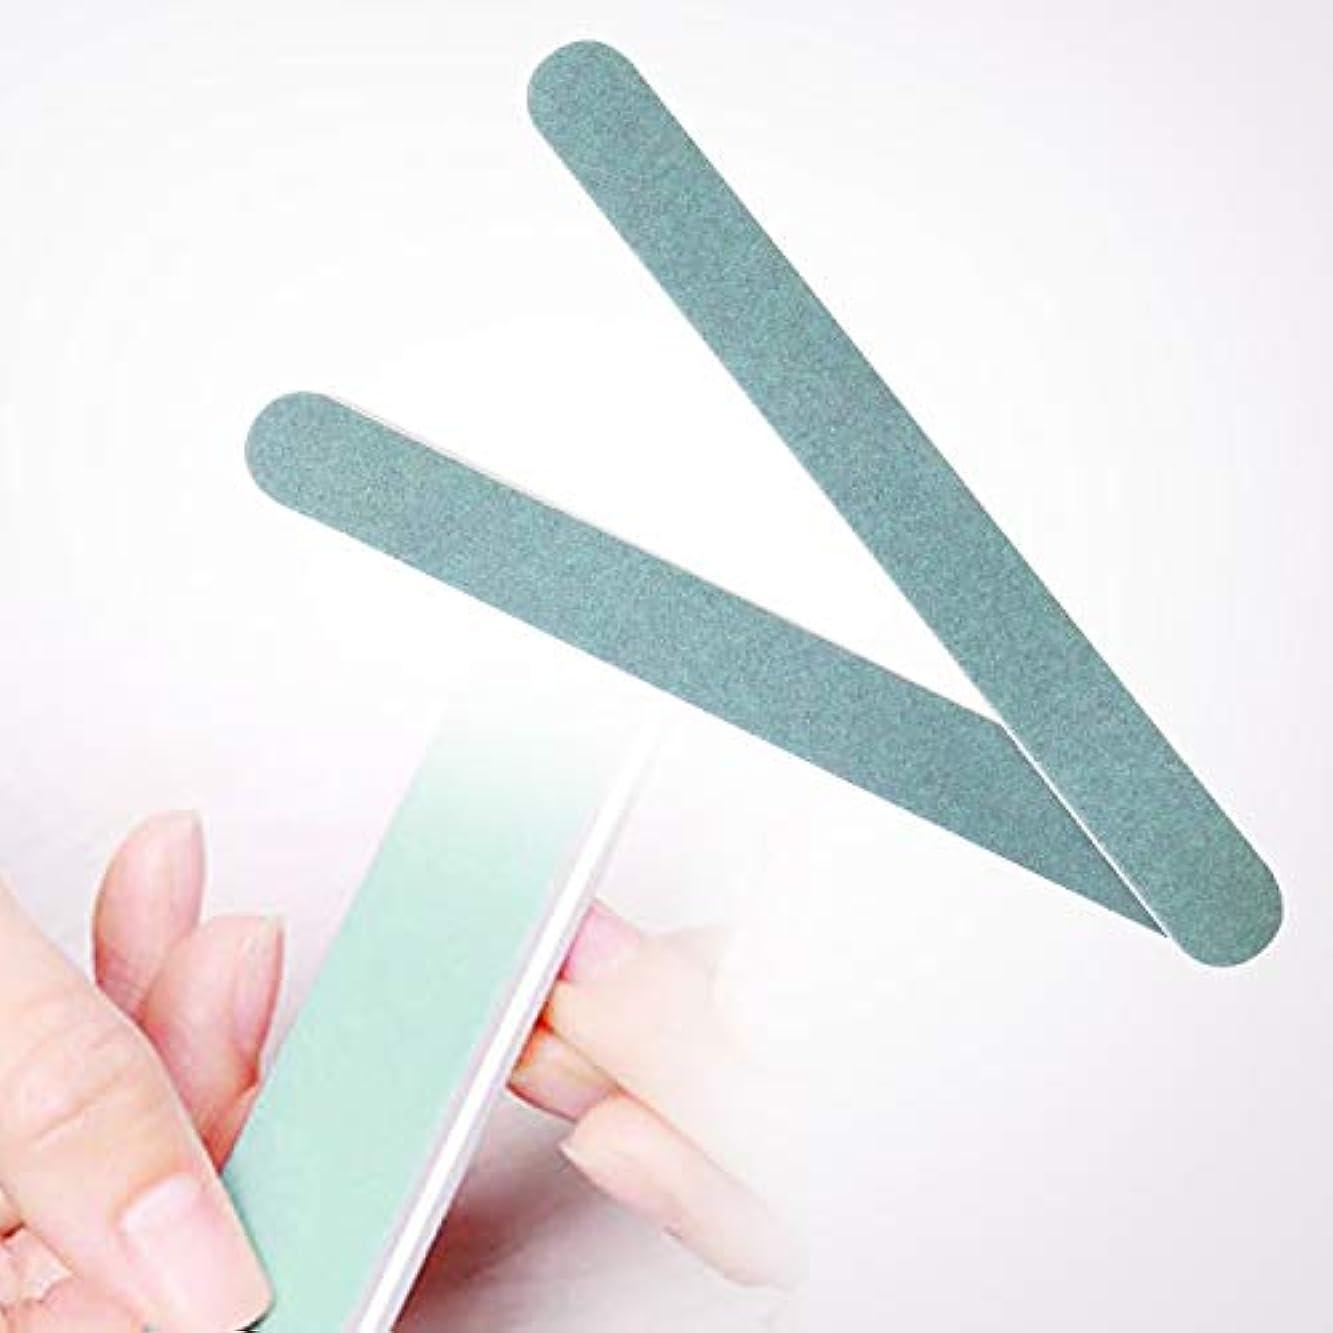 呼びかける依存移行するurlifeエリコネイル エメリーボード パーフェクトシャイン ネイルをつやつやにするスポンジネイルファイル 両面使えるマニキュアDIYのソフトファイル 爪磨き 爪に優しい爪やすり 2本入